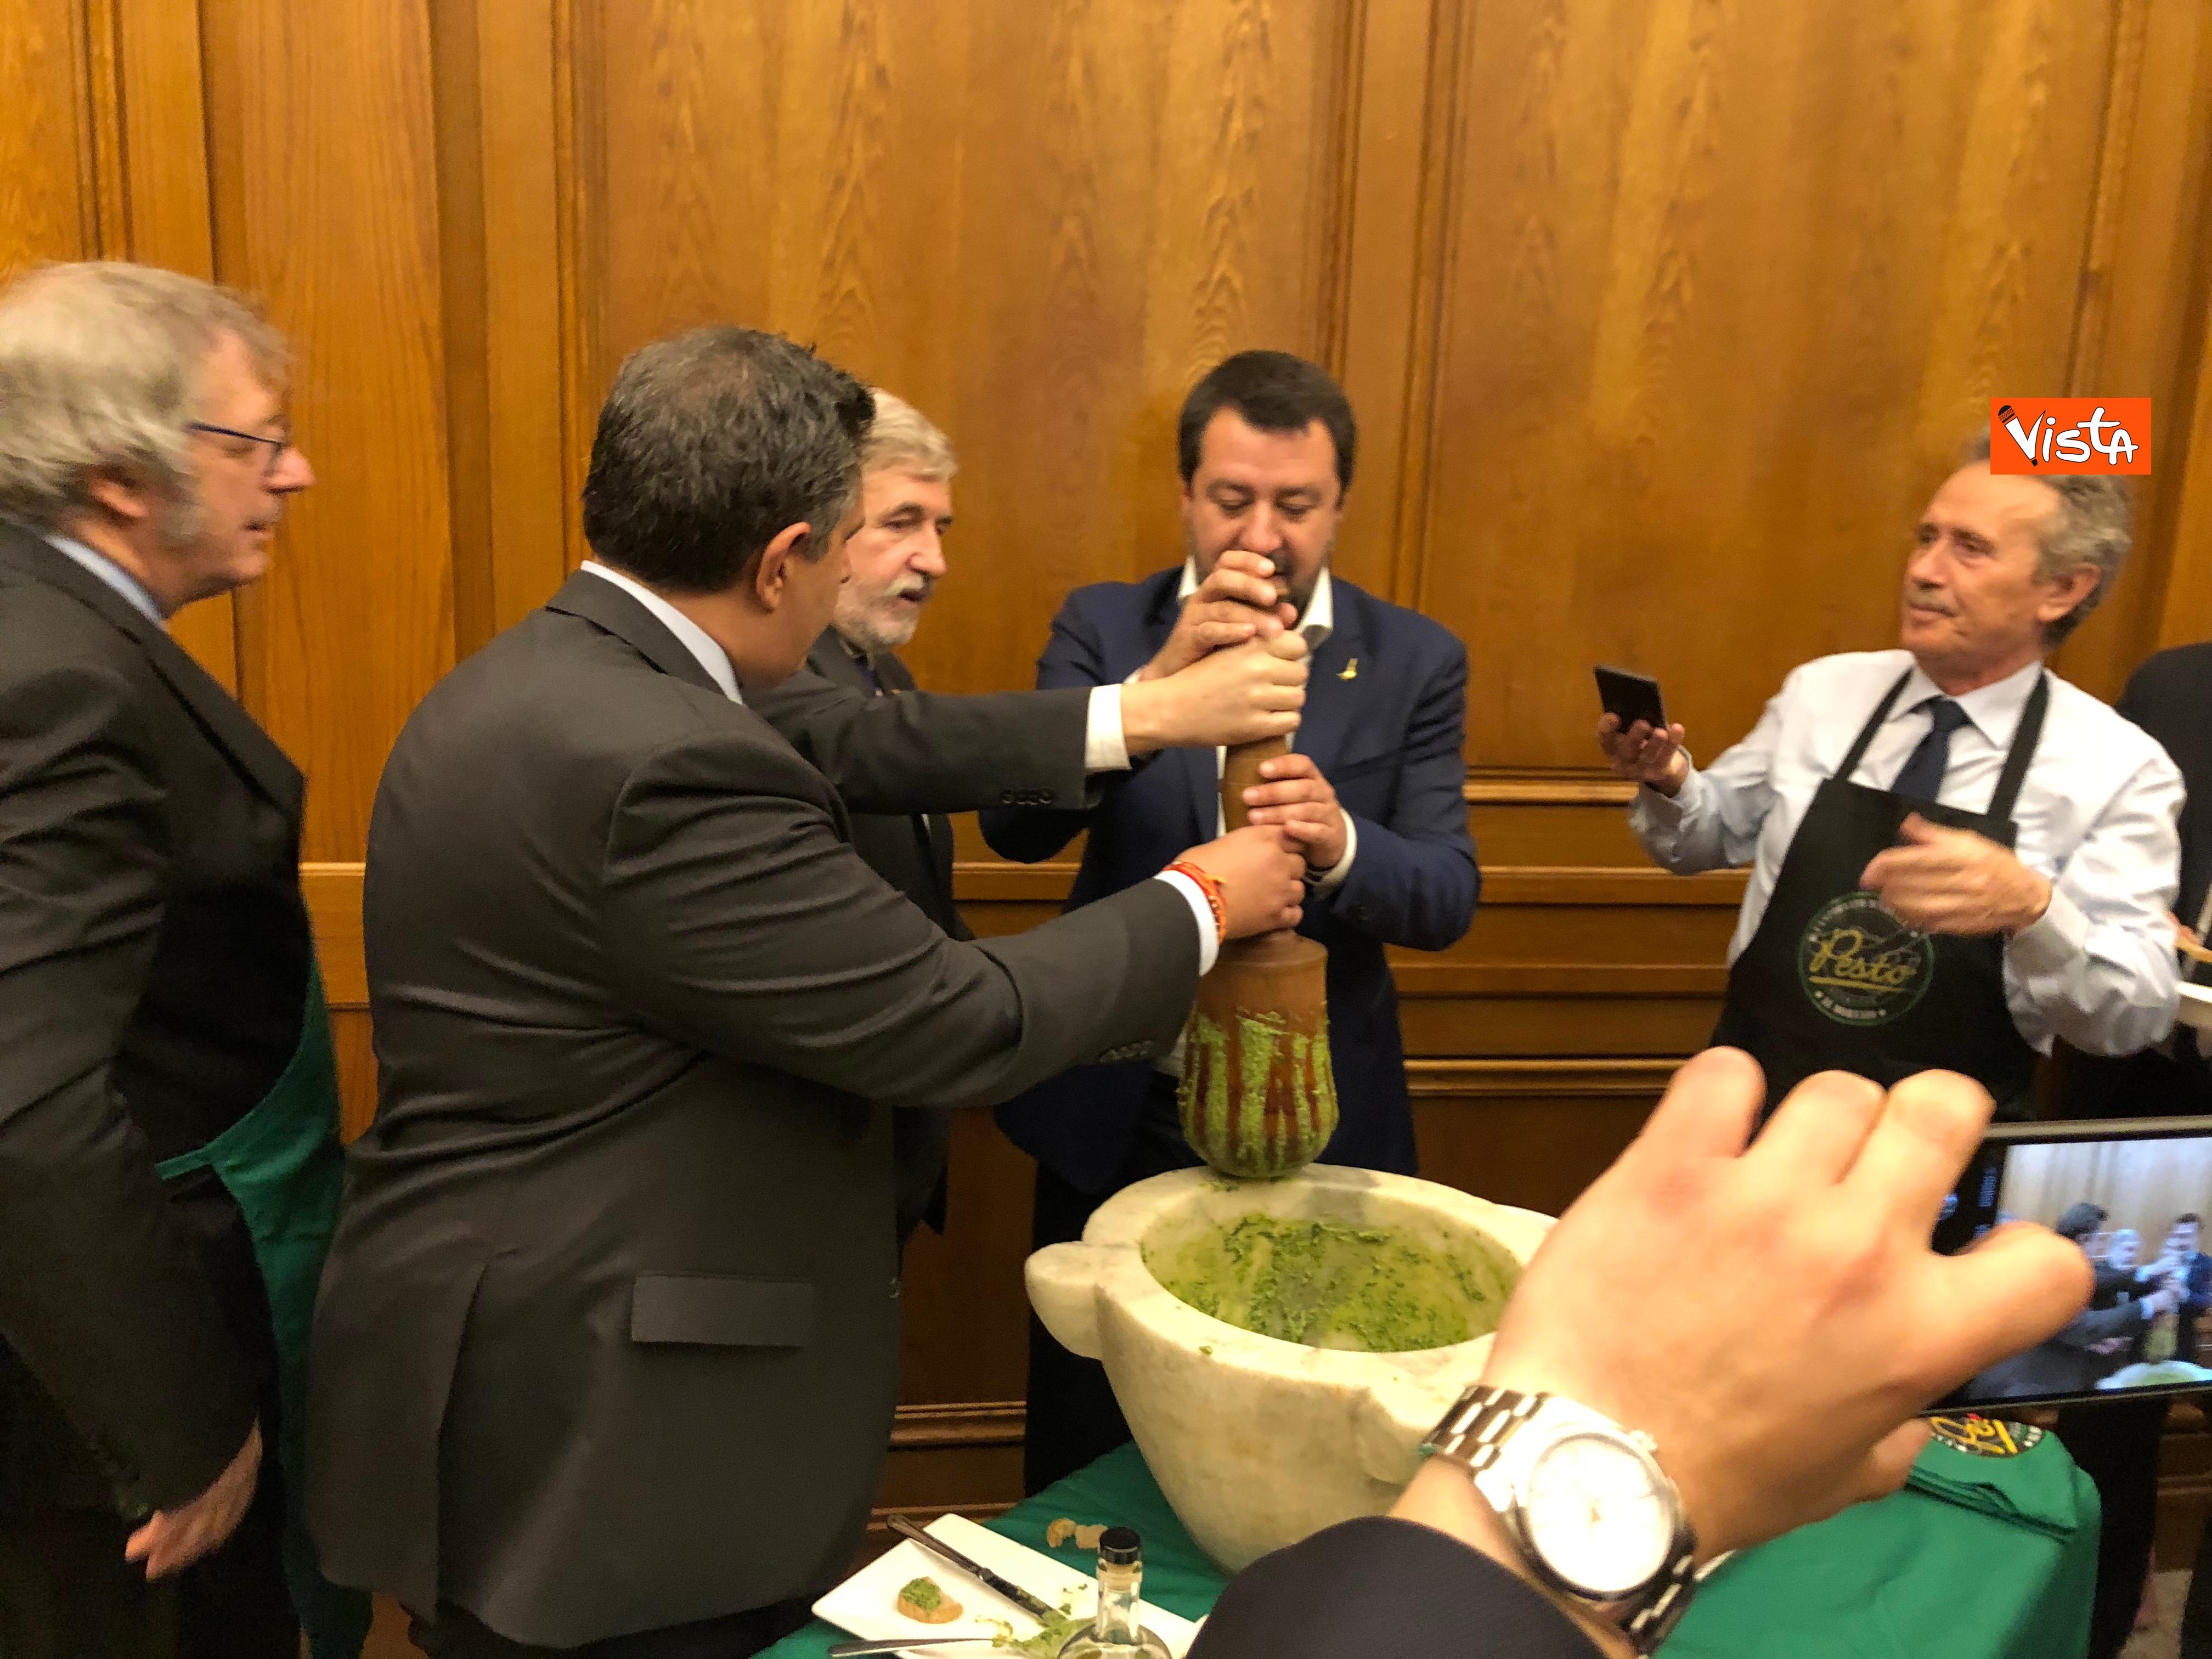 16-04-19 Il patto del pesto Conte Salvini e Toti mangiano le trofie a Montecitorio